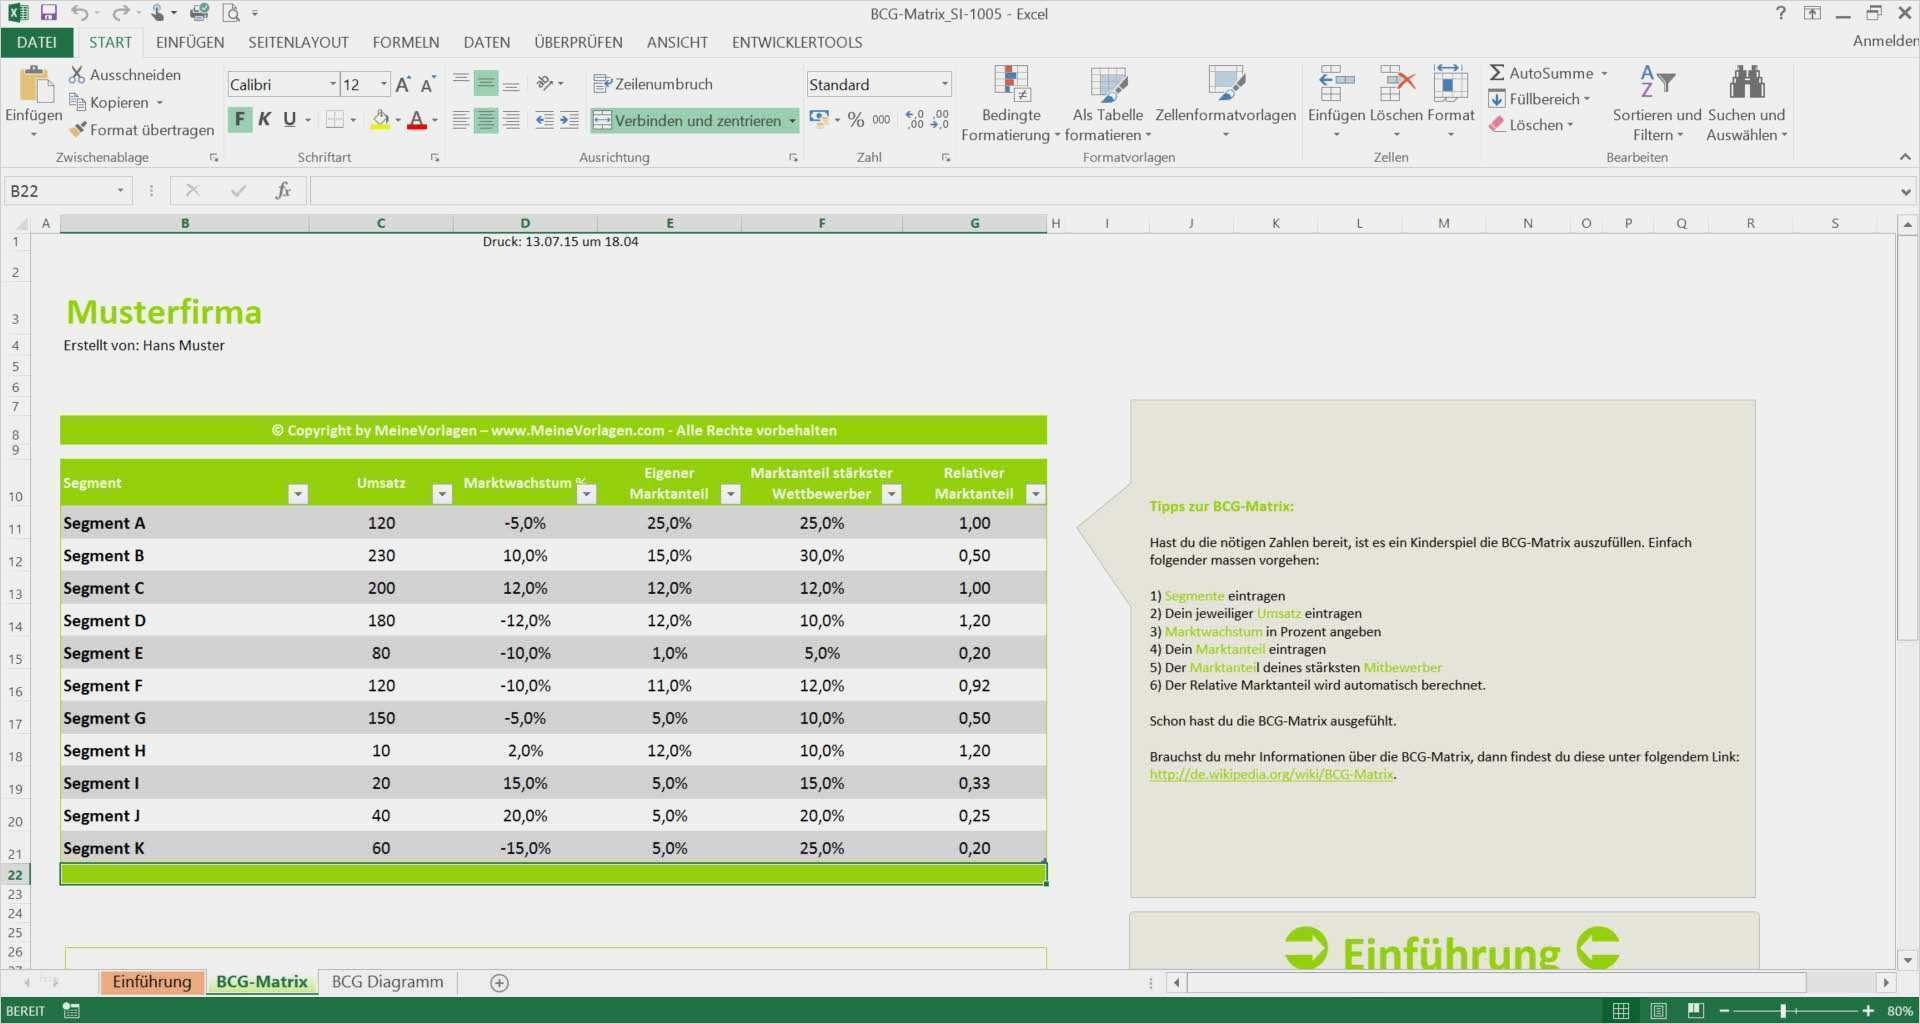 17 Cool Produktlebenszyklus Excel Vorlage Foto In 2020 Excel Vorlage Vorlagen Website Vorlagen